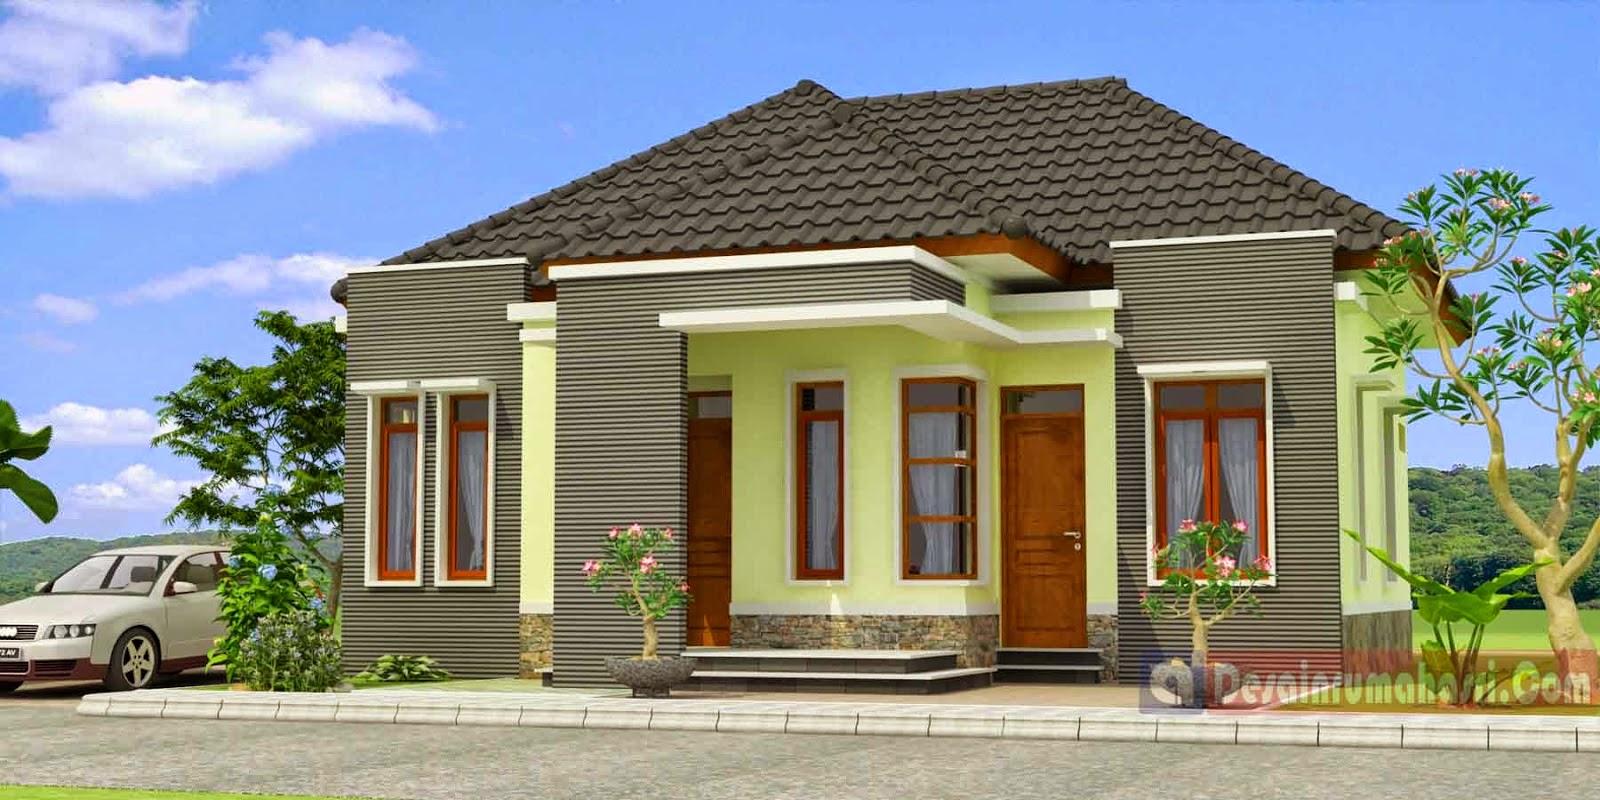 322+ Contoh Desain Atap Rumah Jure Terlihat Keren